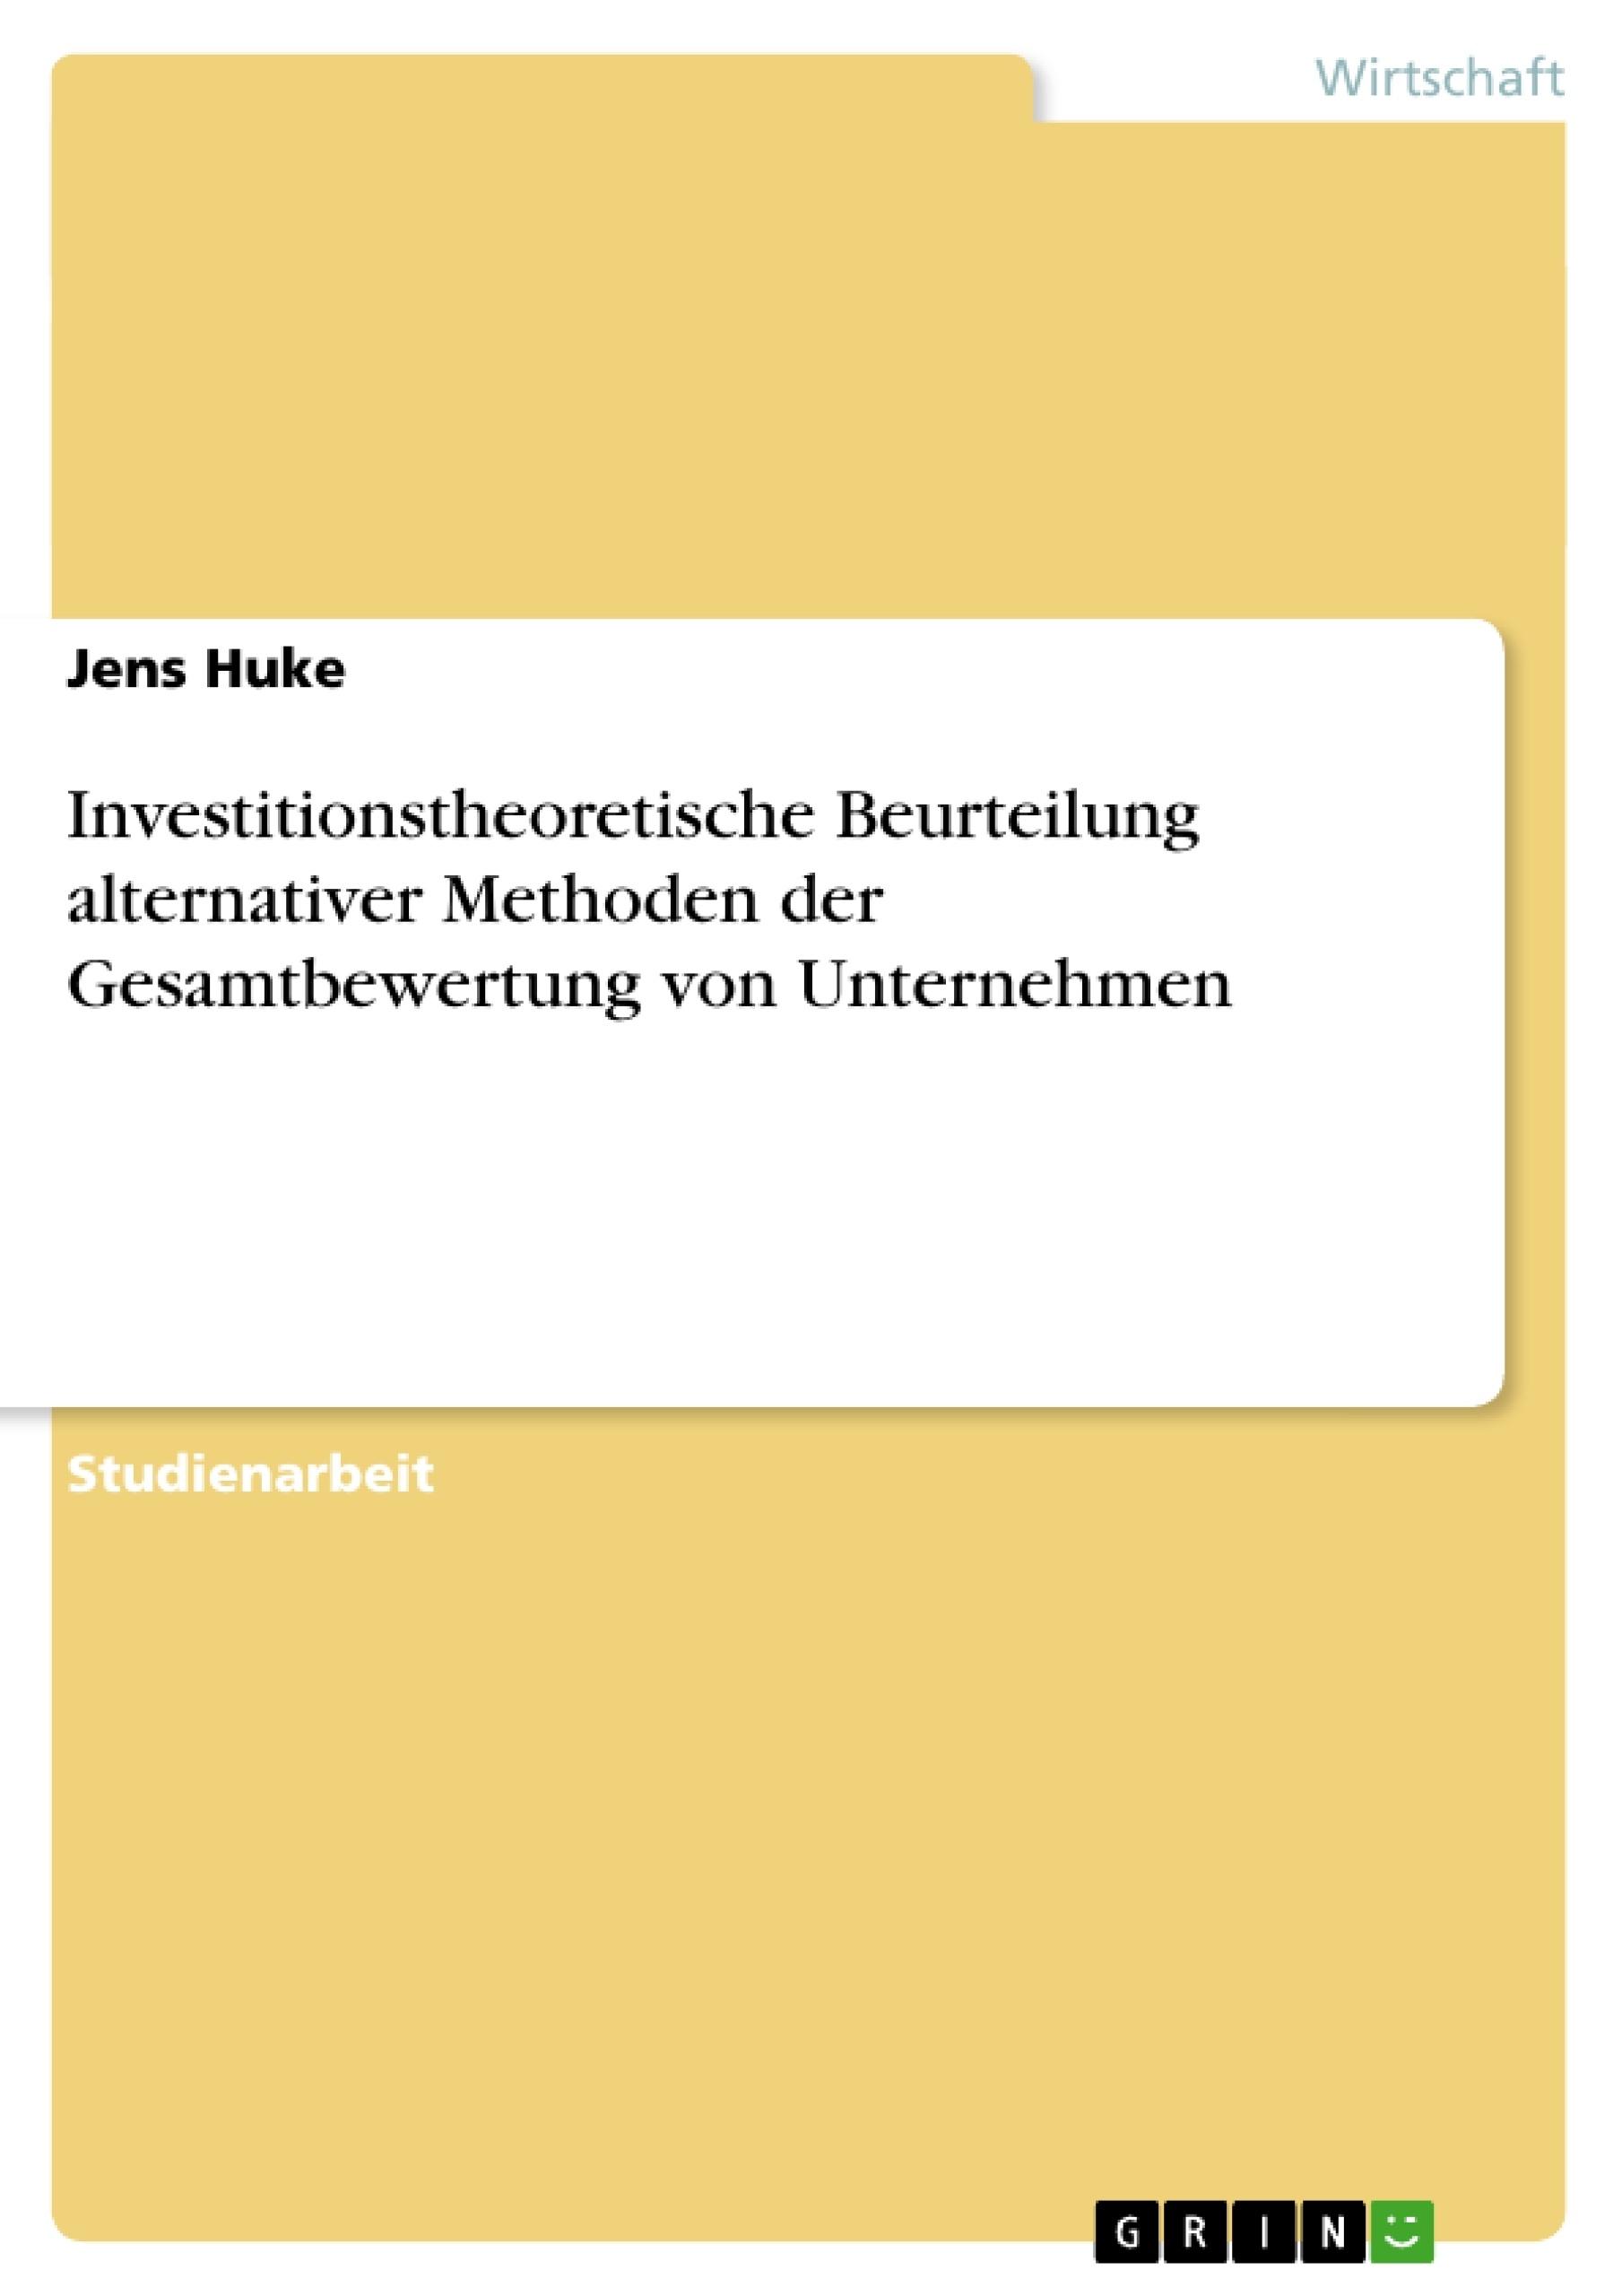 Titel: Investitionstheoretische Beurteilung alternativer Methoden der Gesamtbewertung von Unternehmen